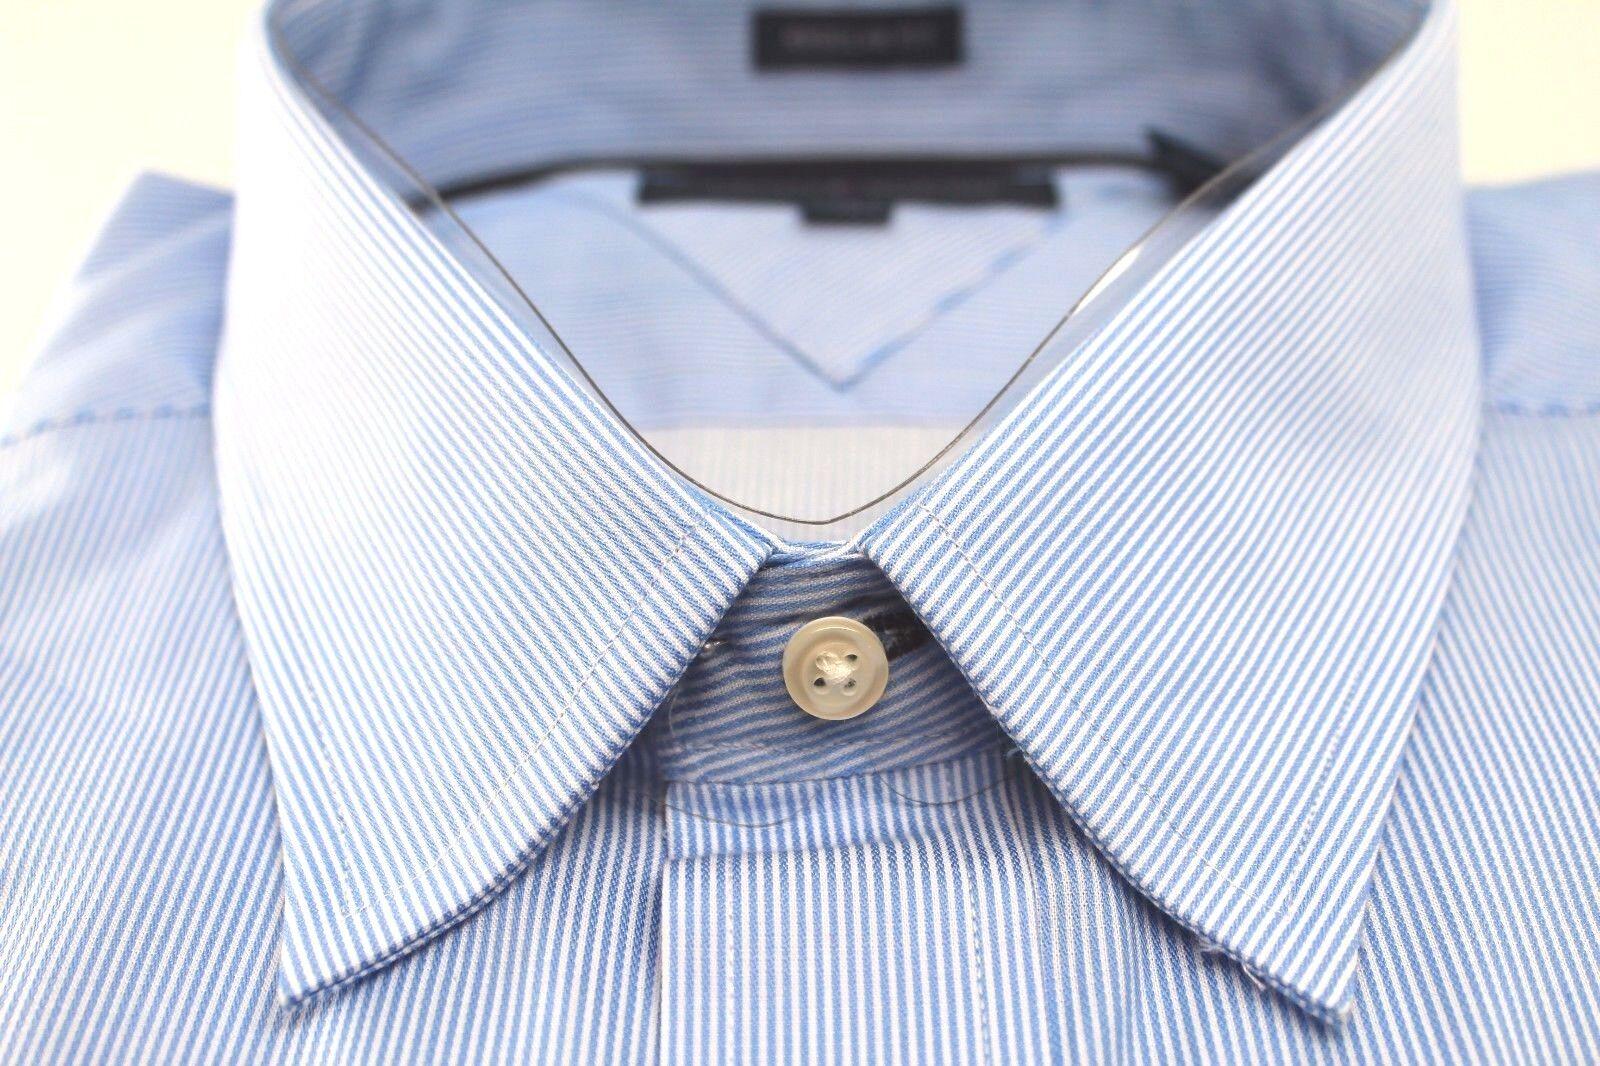 tommy hilfiger designer clothes